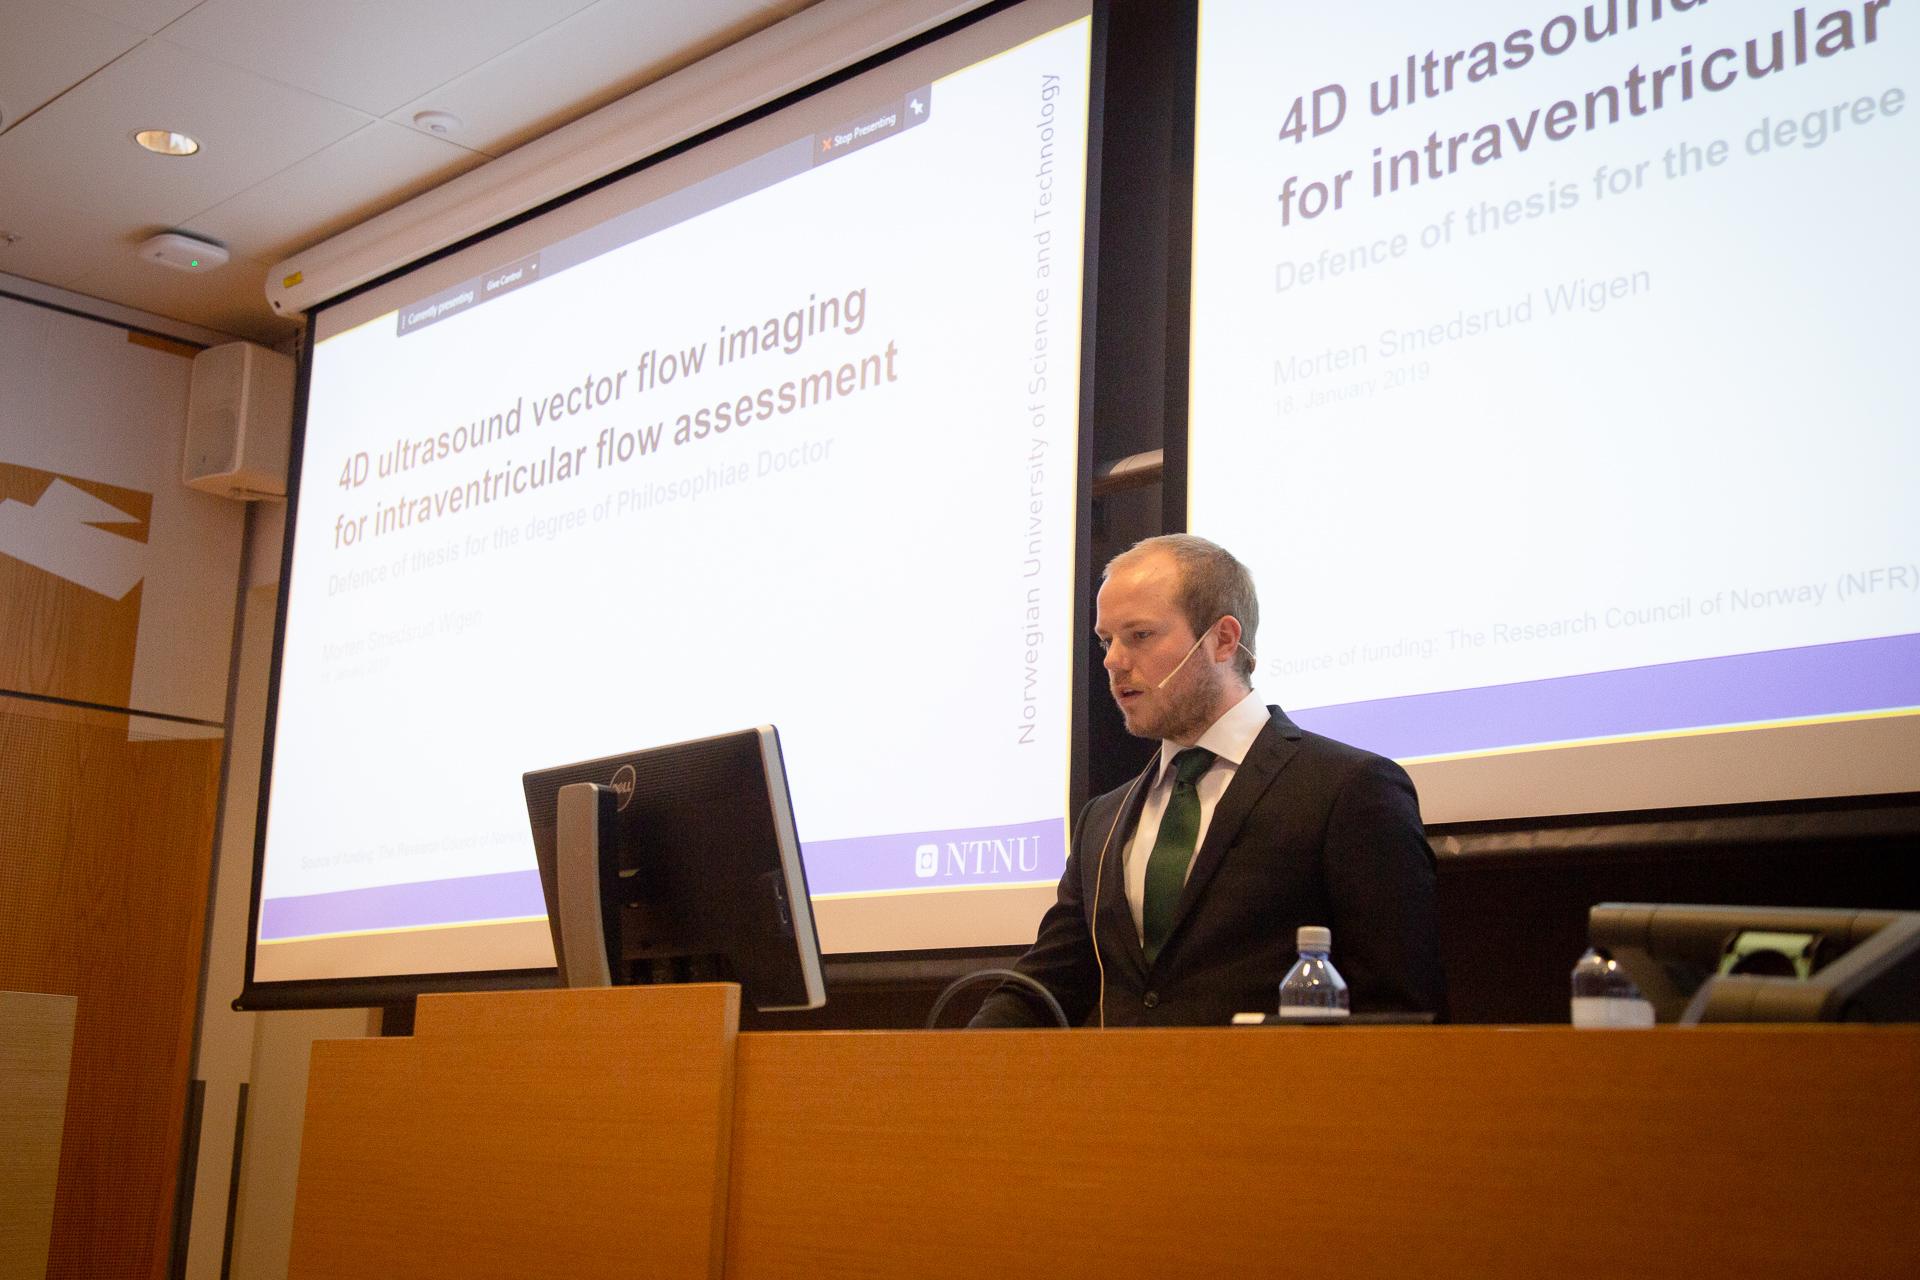 Morten Wigen standing at the podium defending his PhD-degree